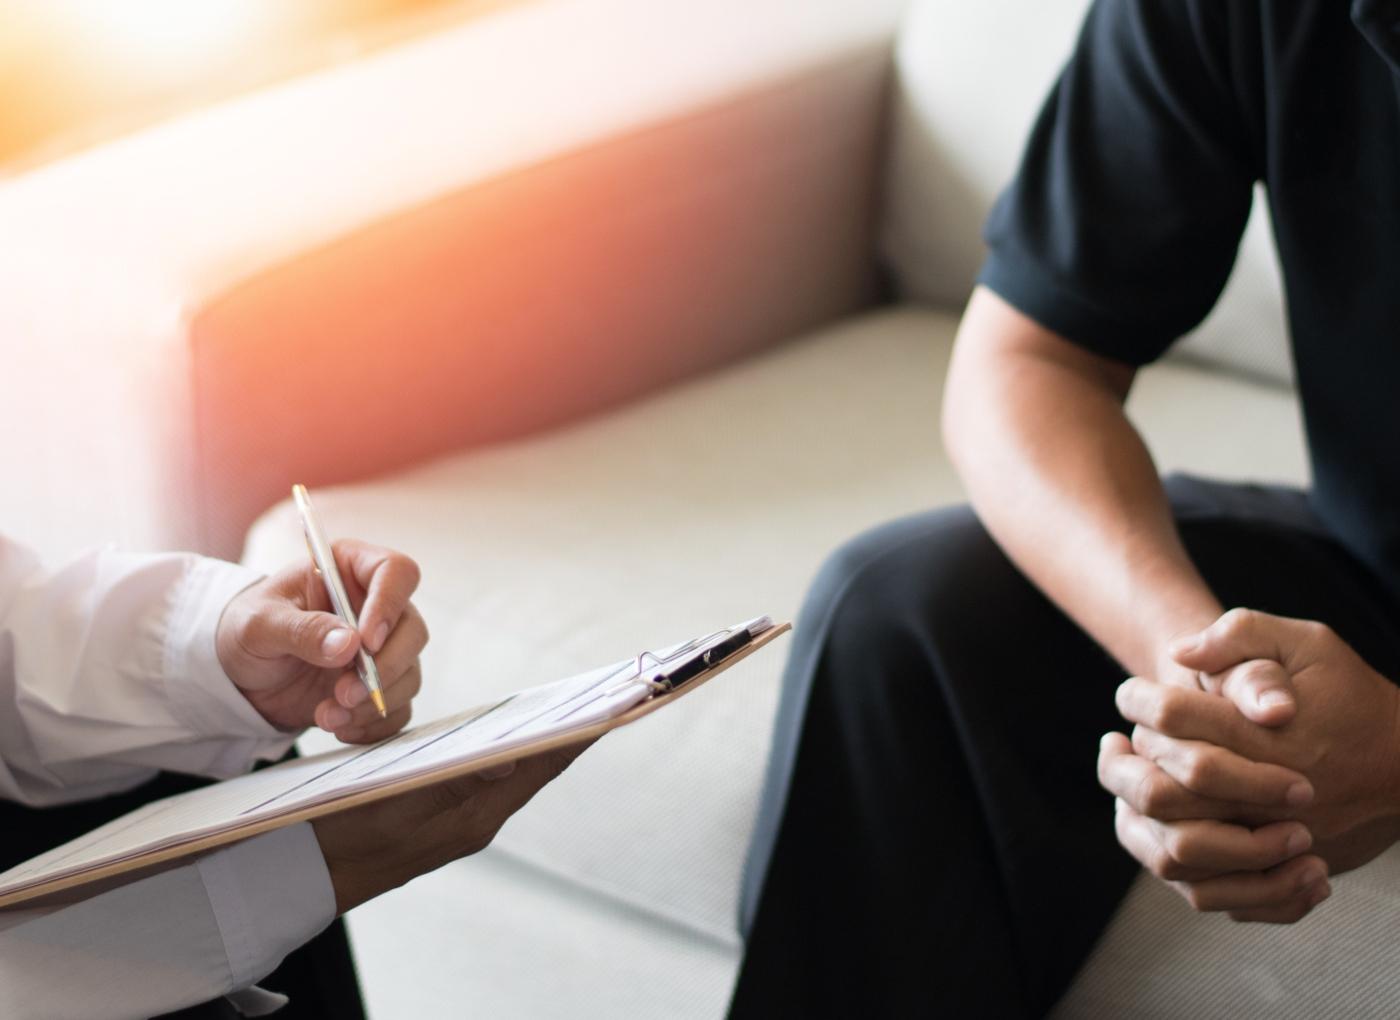 Doença bipolar: tratamento com psicoterapia